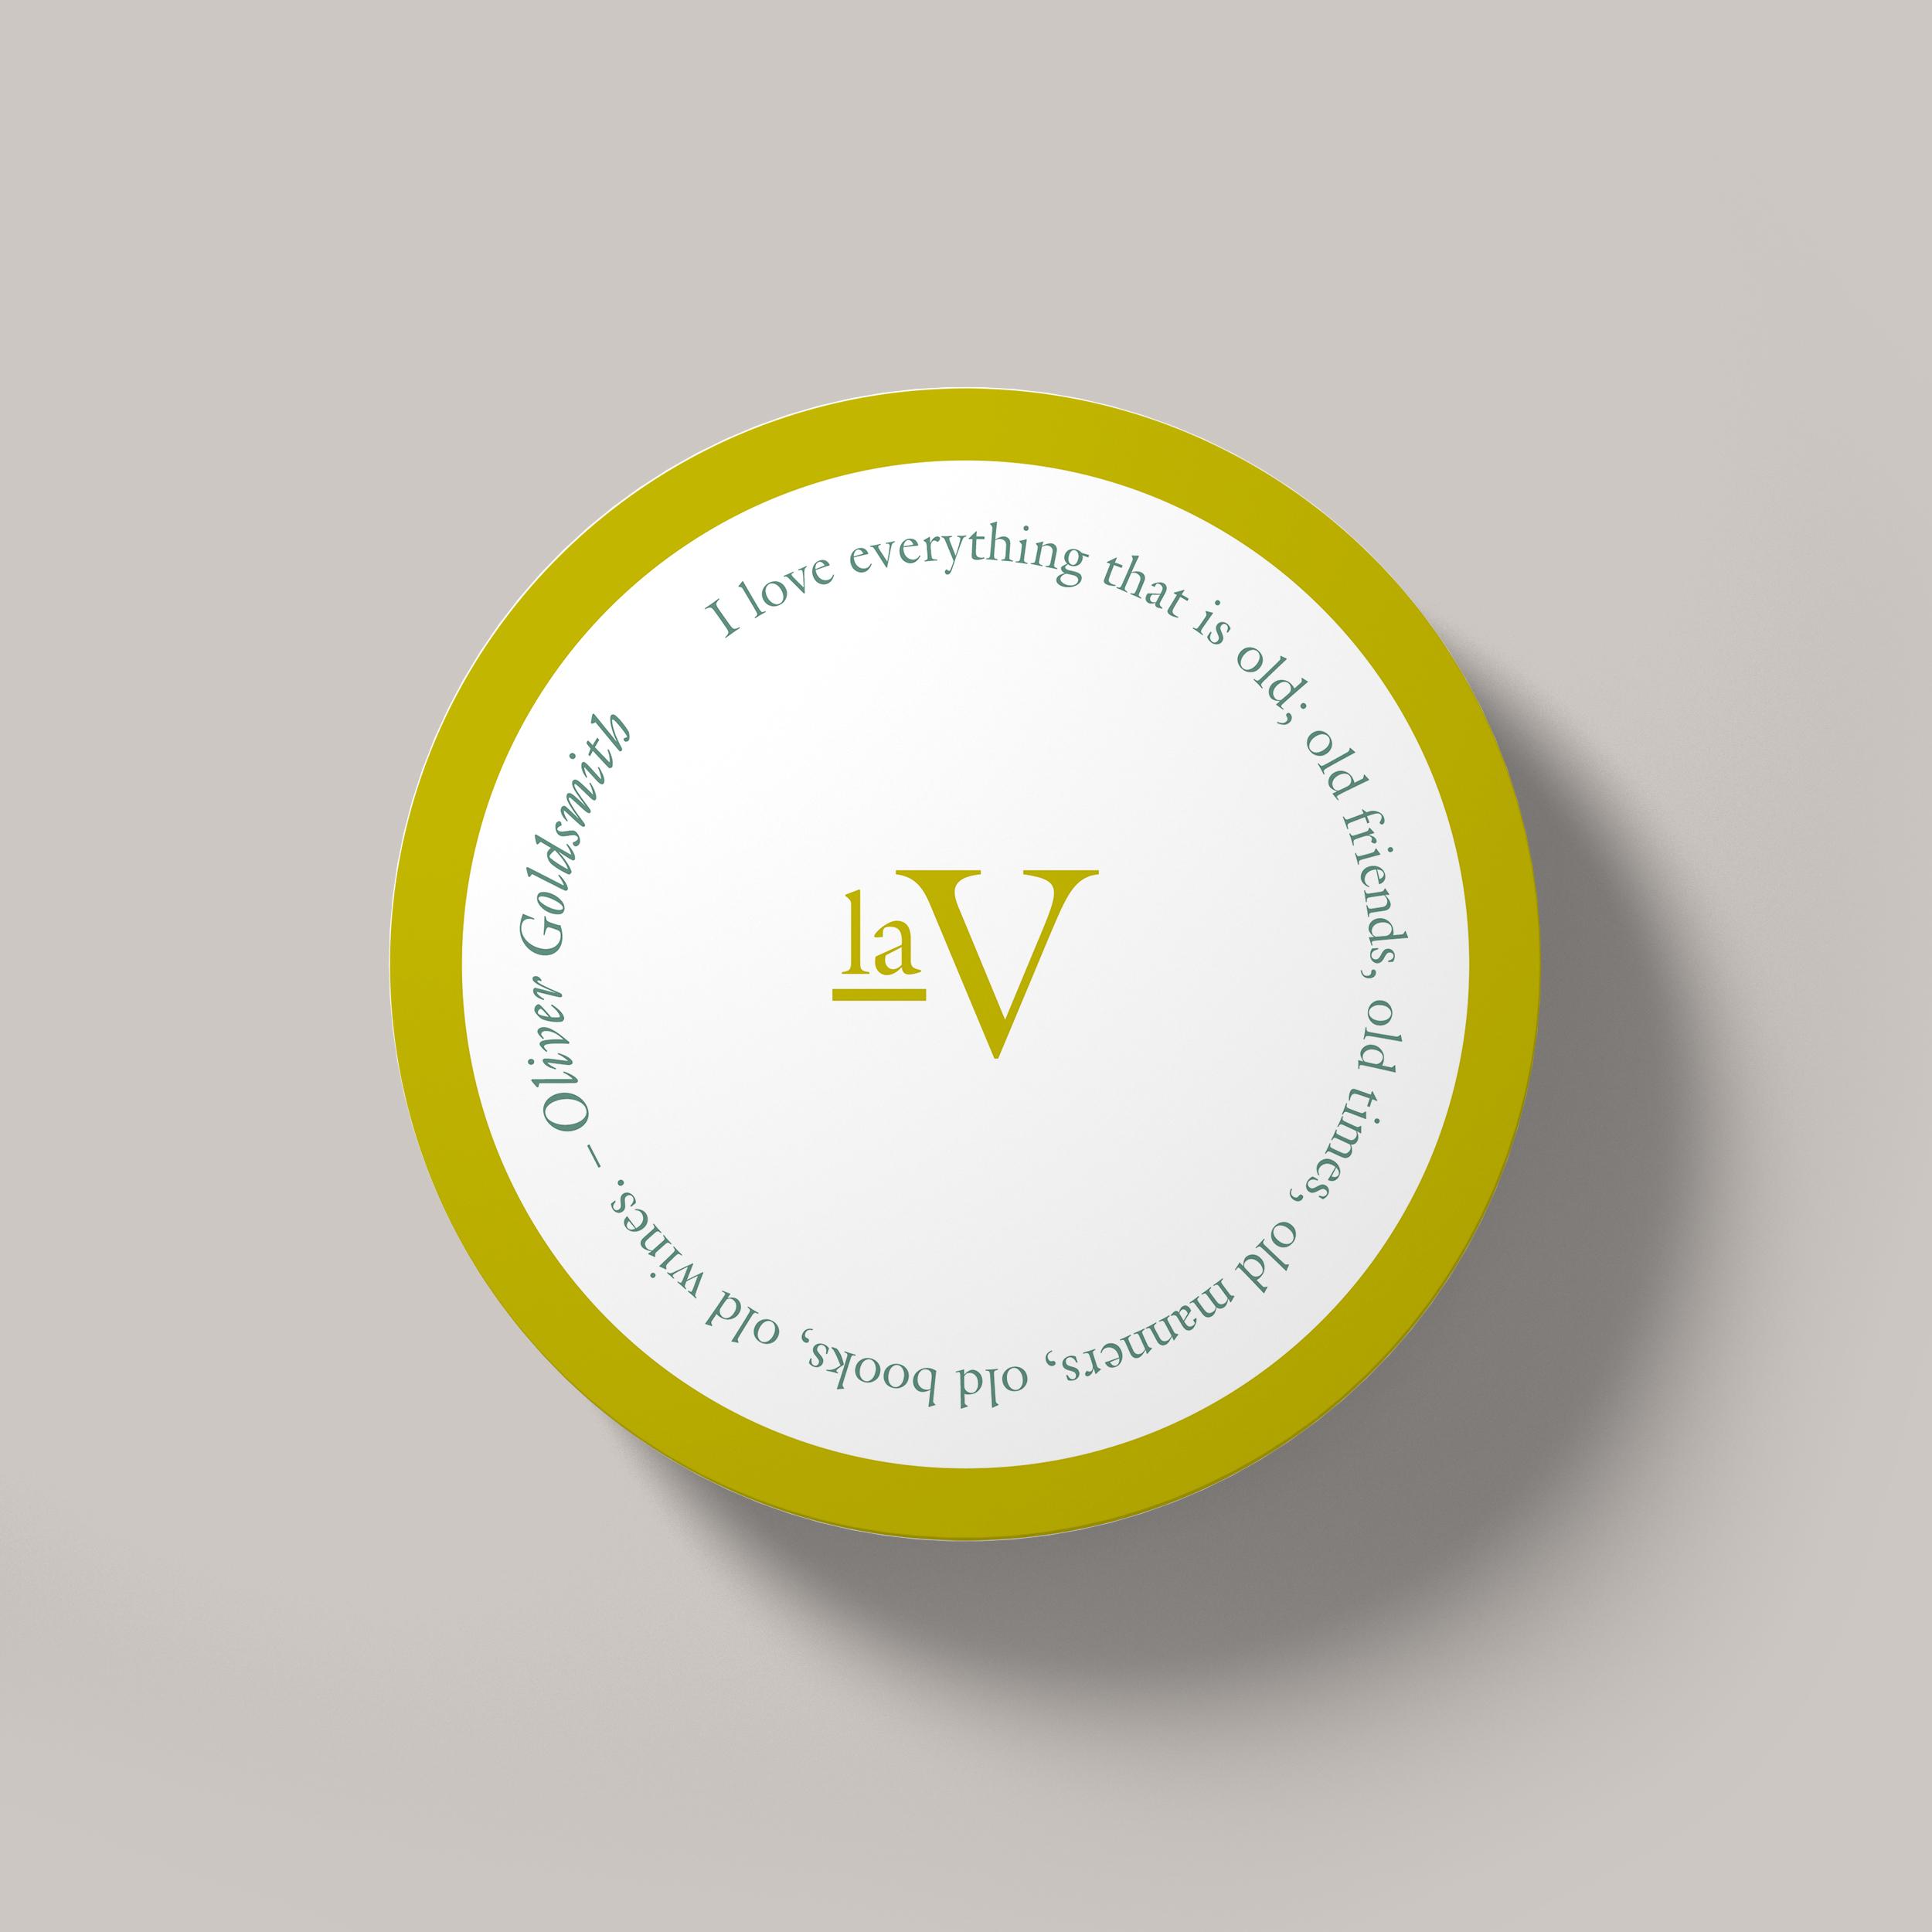 LaV_Coaster_1.jpg